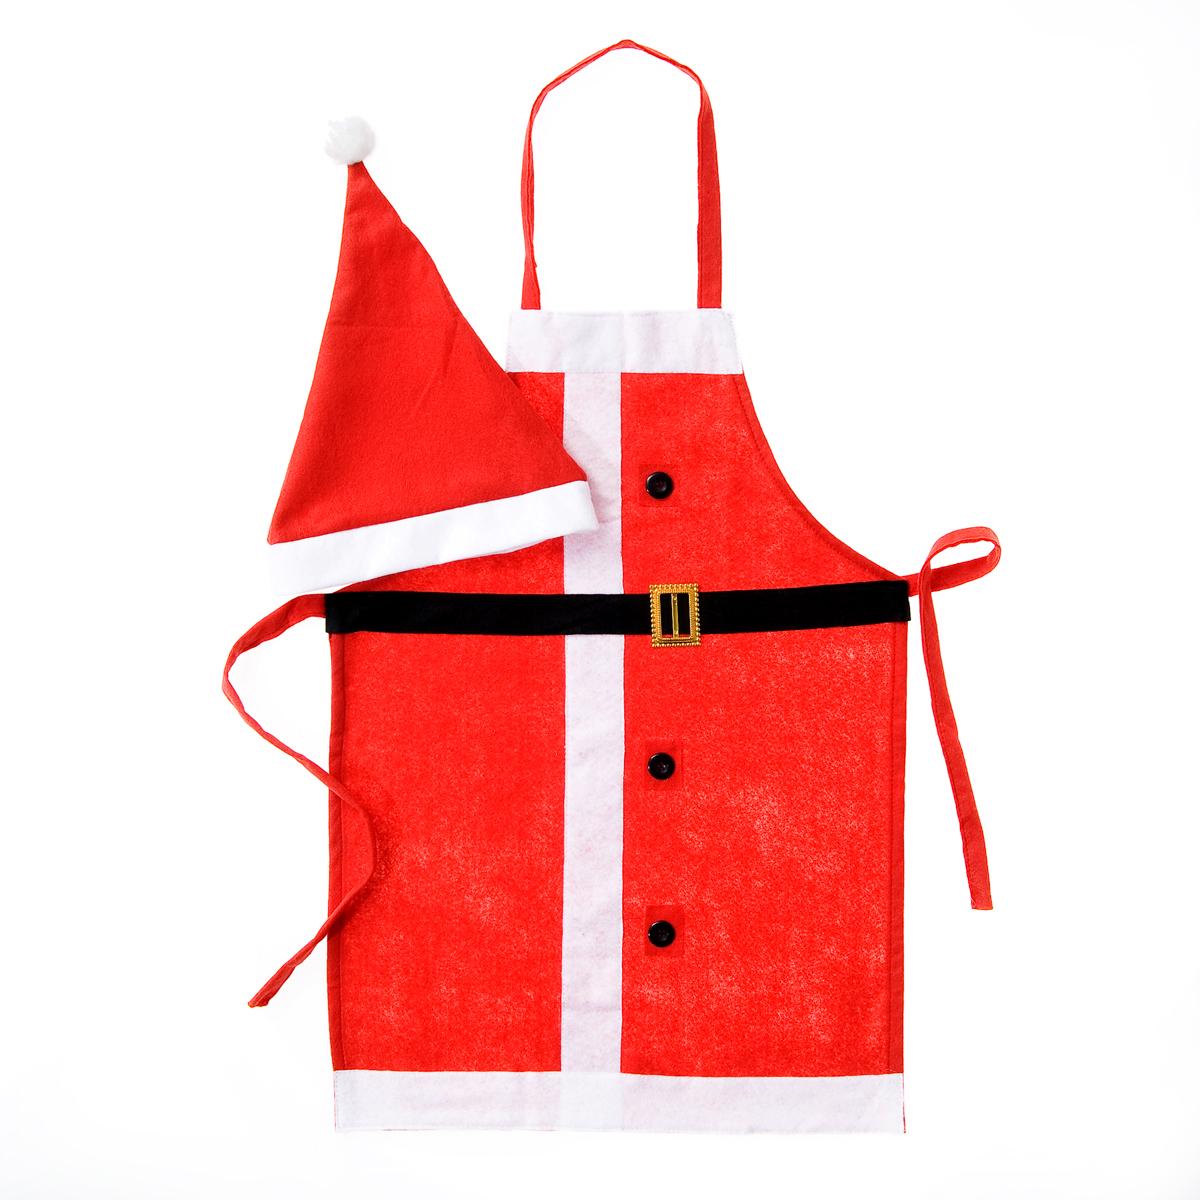 Набор сувенирный для кухни Lunten Ranta Дед Мороз, 2 предмета. Размер 44-4865778Сувенирный набор для кухни Lunten Ranta Дед Мороз состоит из фартука и колпака. Изделия выполнены из фетра в традиционной новогодней красно-белой расцветке. Фартук украшен муляжом ремня с золотистой пряжкой и пуговицами, завязывается на завязки на талии. Колпак выполнен в том же дизайне. Набор сувенирный для кухни Дед Мороз не только окунет вас и ваших близких в атмосферу праздника, но и поможет быстро и весело подготовить новогоднее меню, чтобы удивить семью и гостей. Размер фартука: 68 см х 48 см. Размер колпака: 38 см х 28 см.